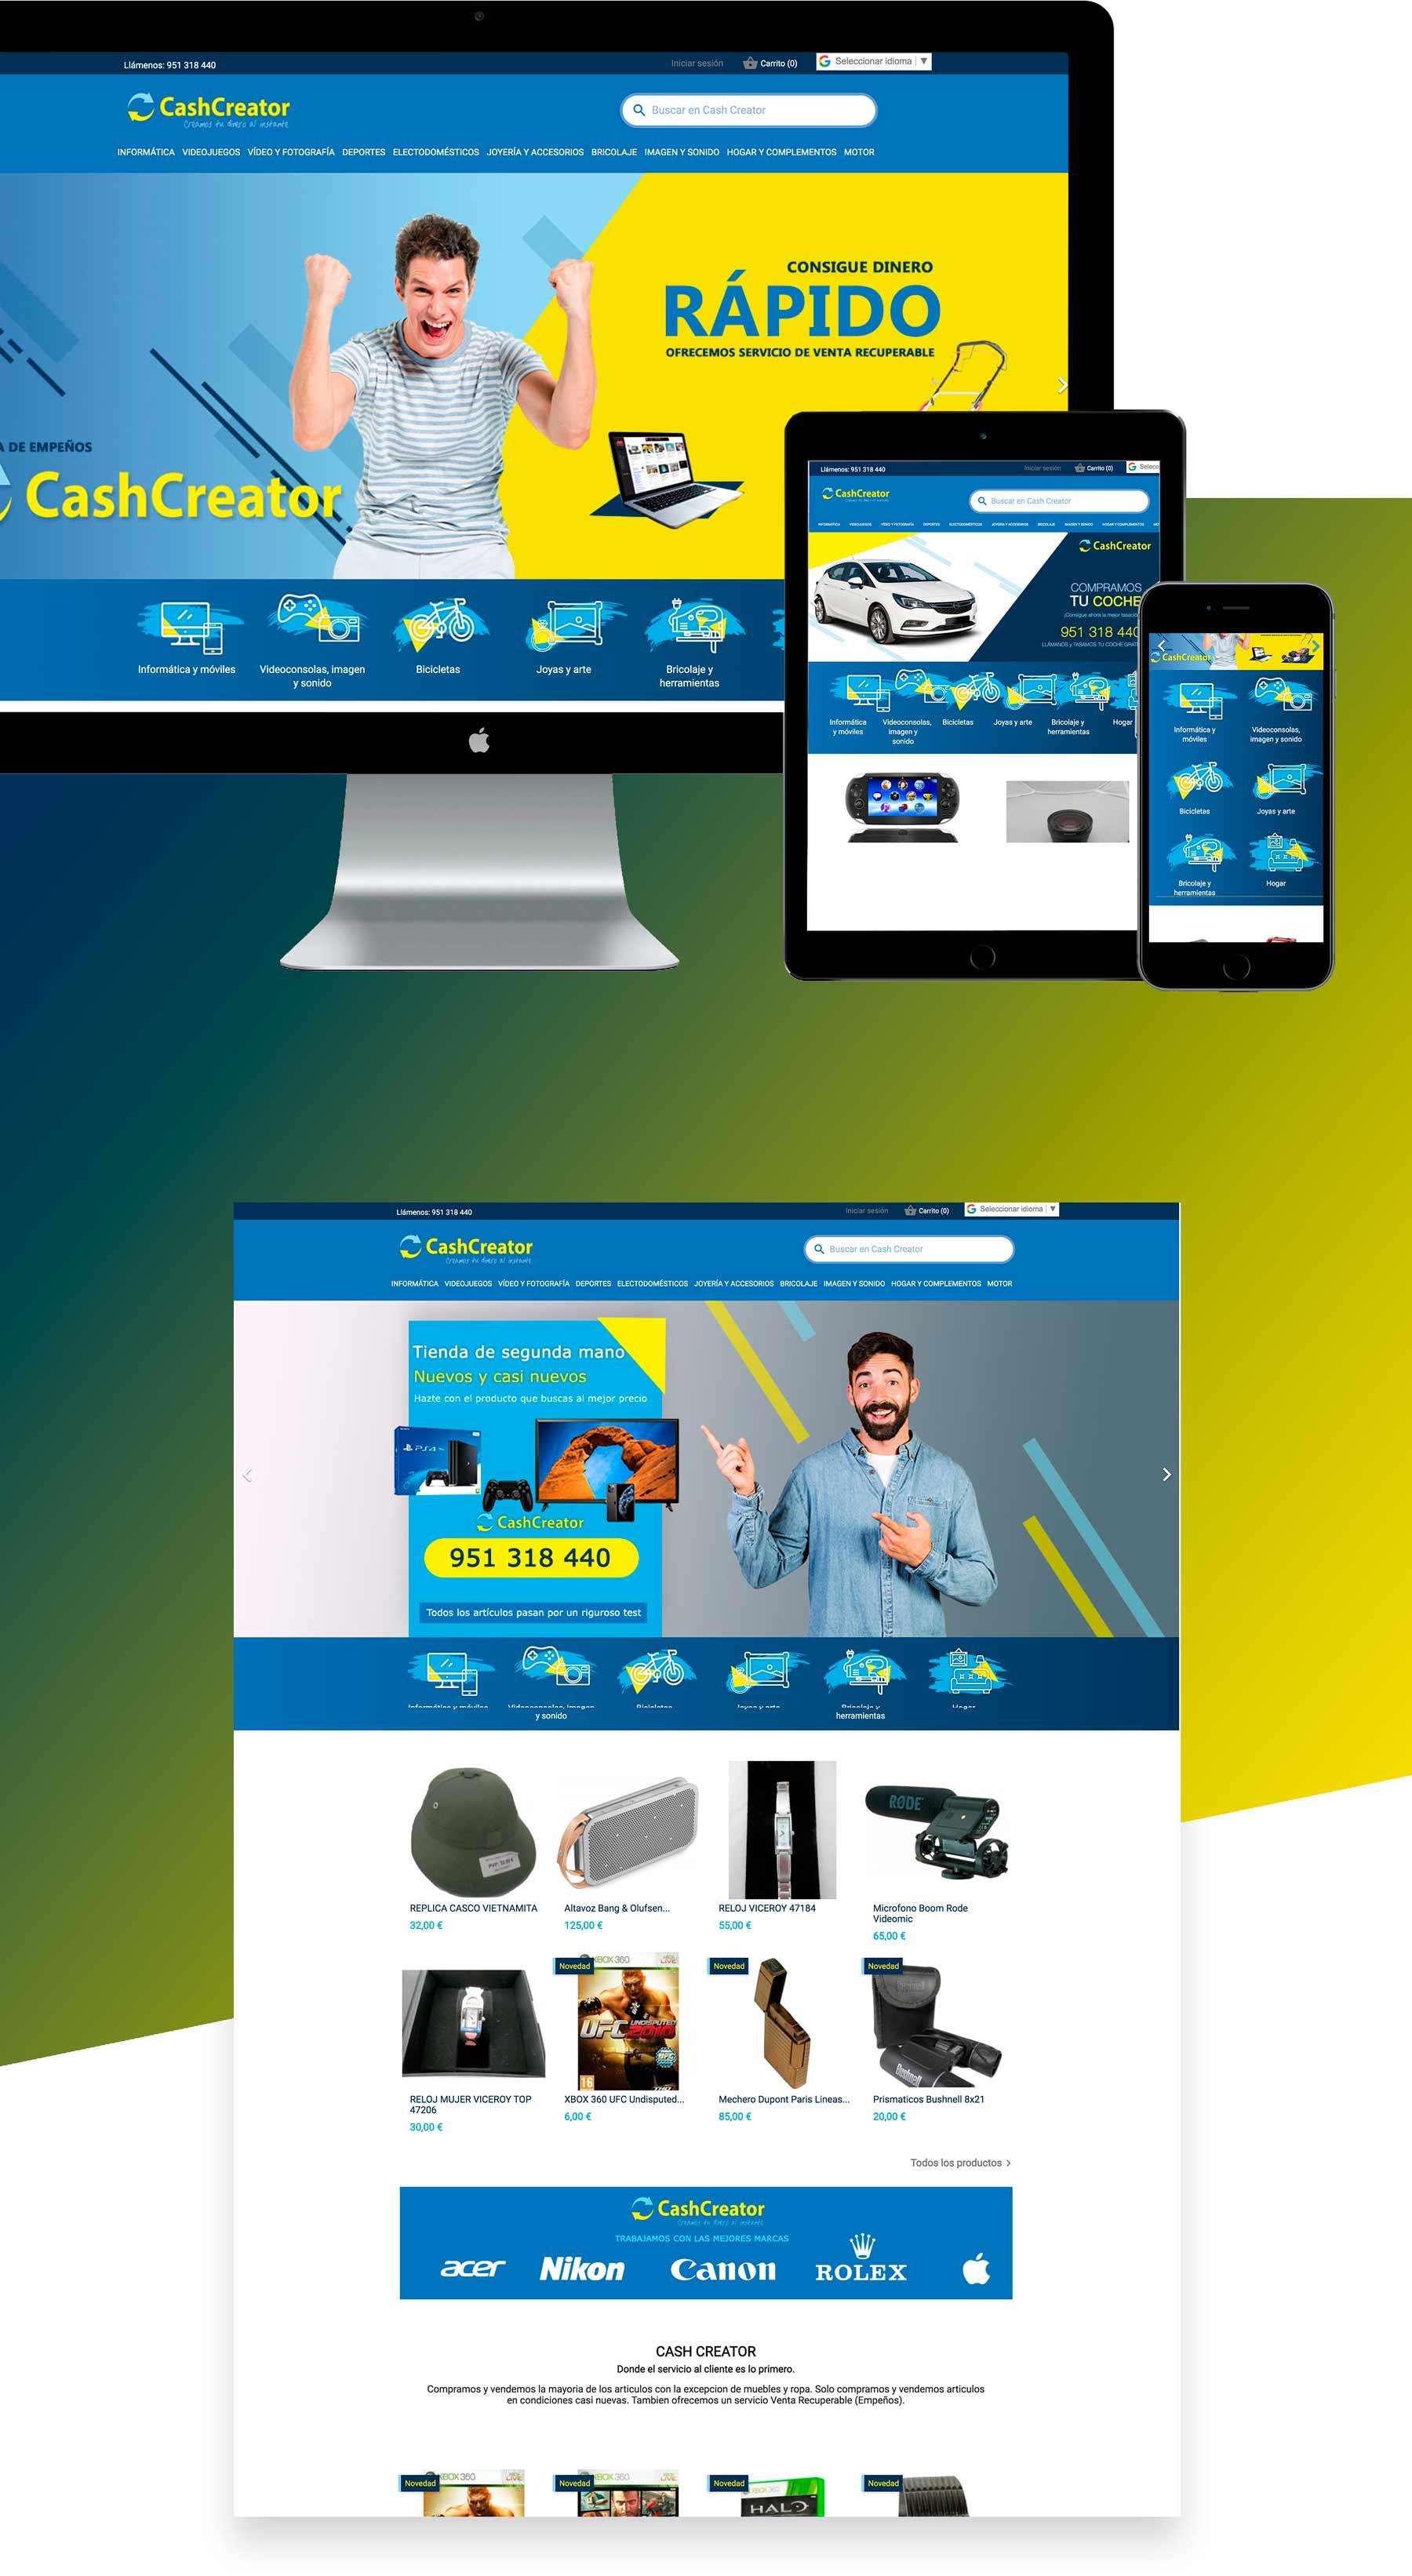 diseño web de tienda online  compra venta segunda mano empeño gana dinero rápido -Marbella